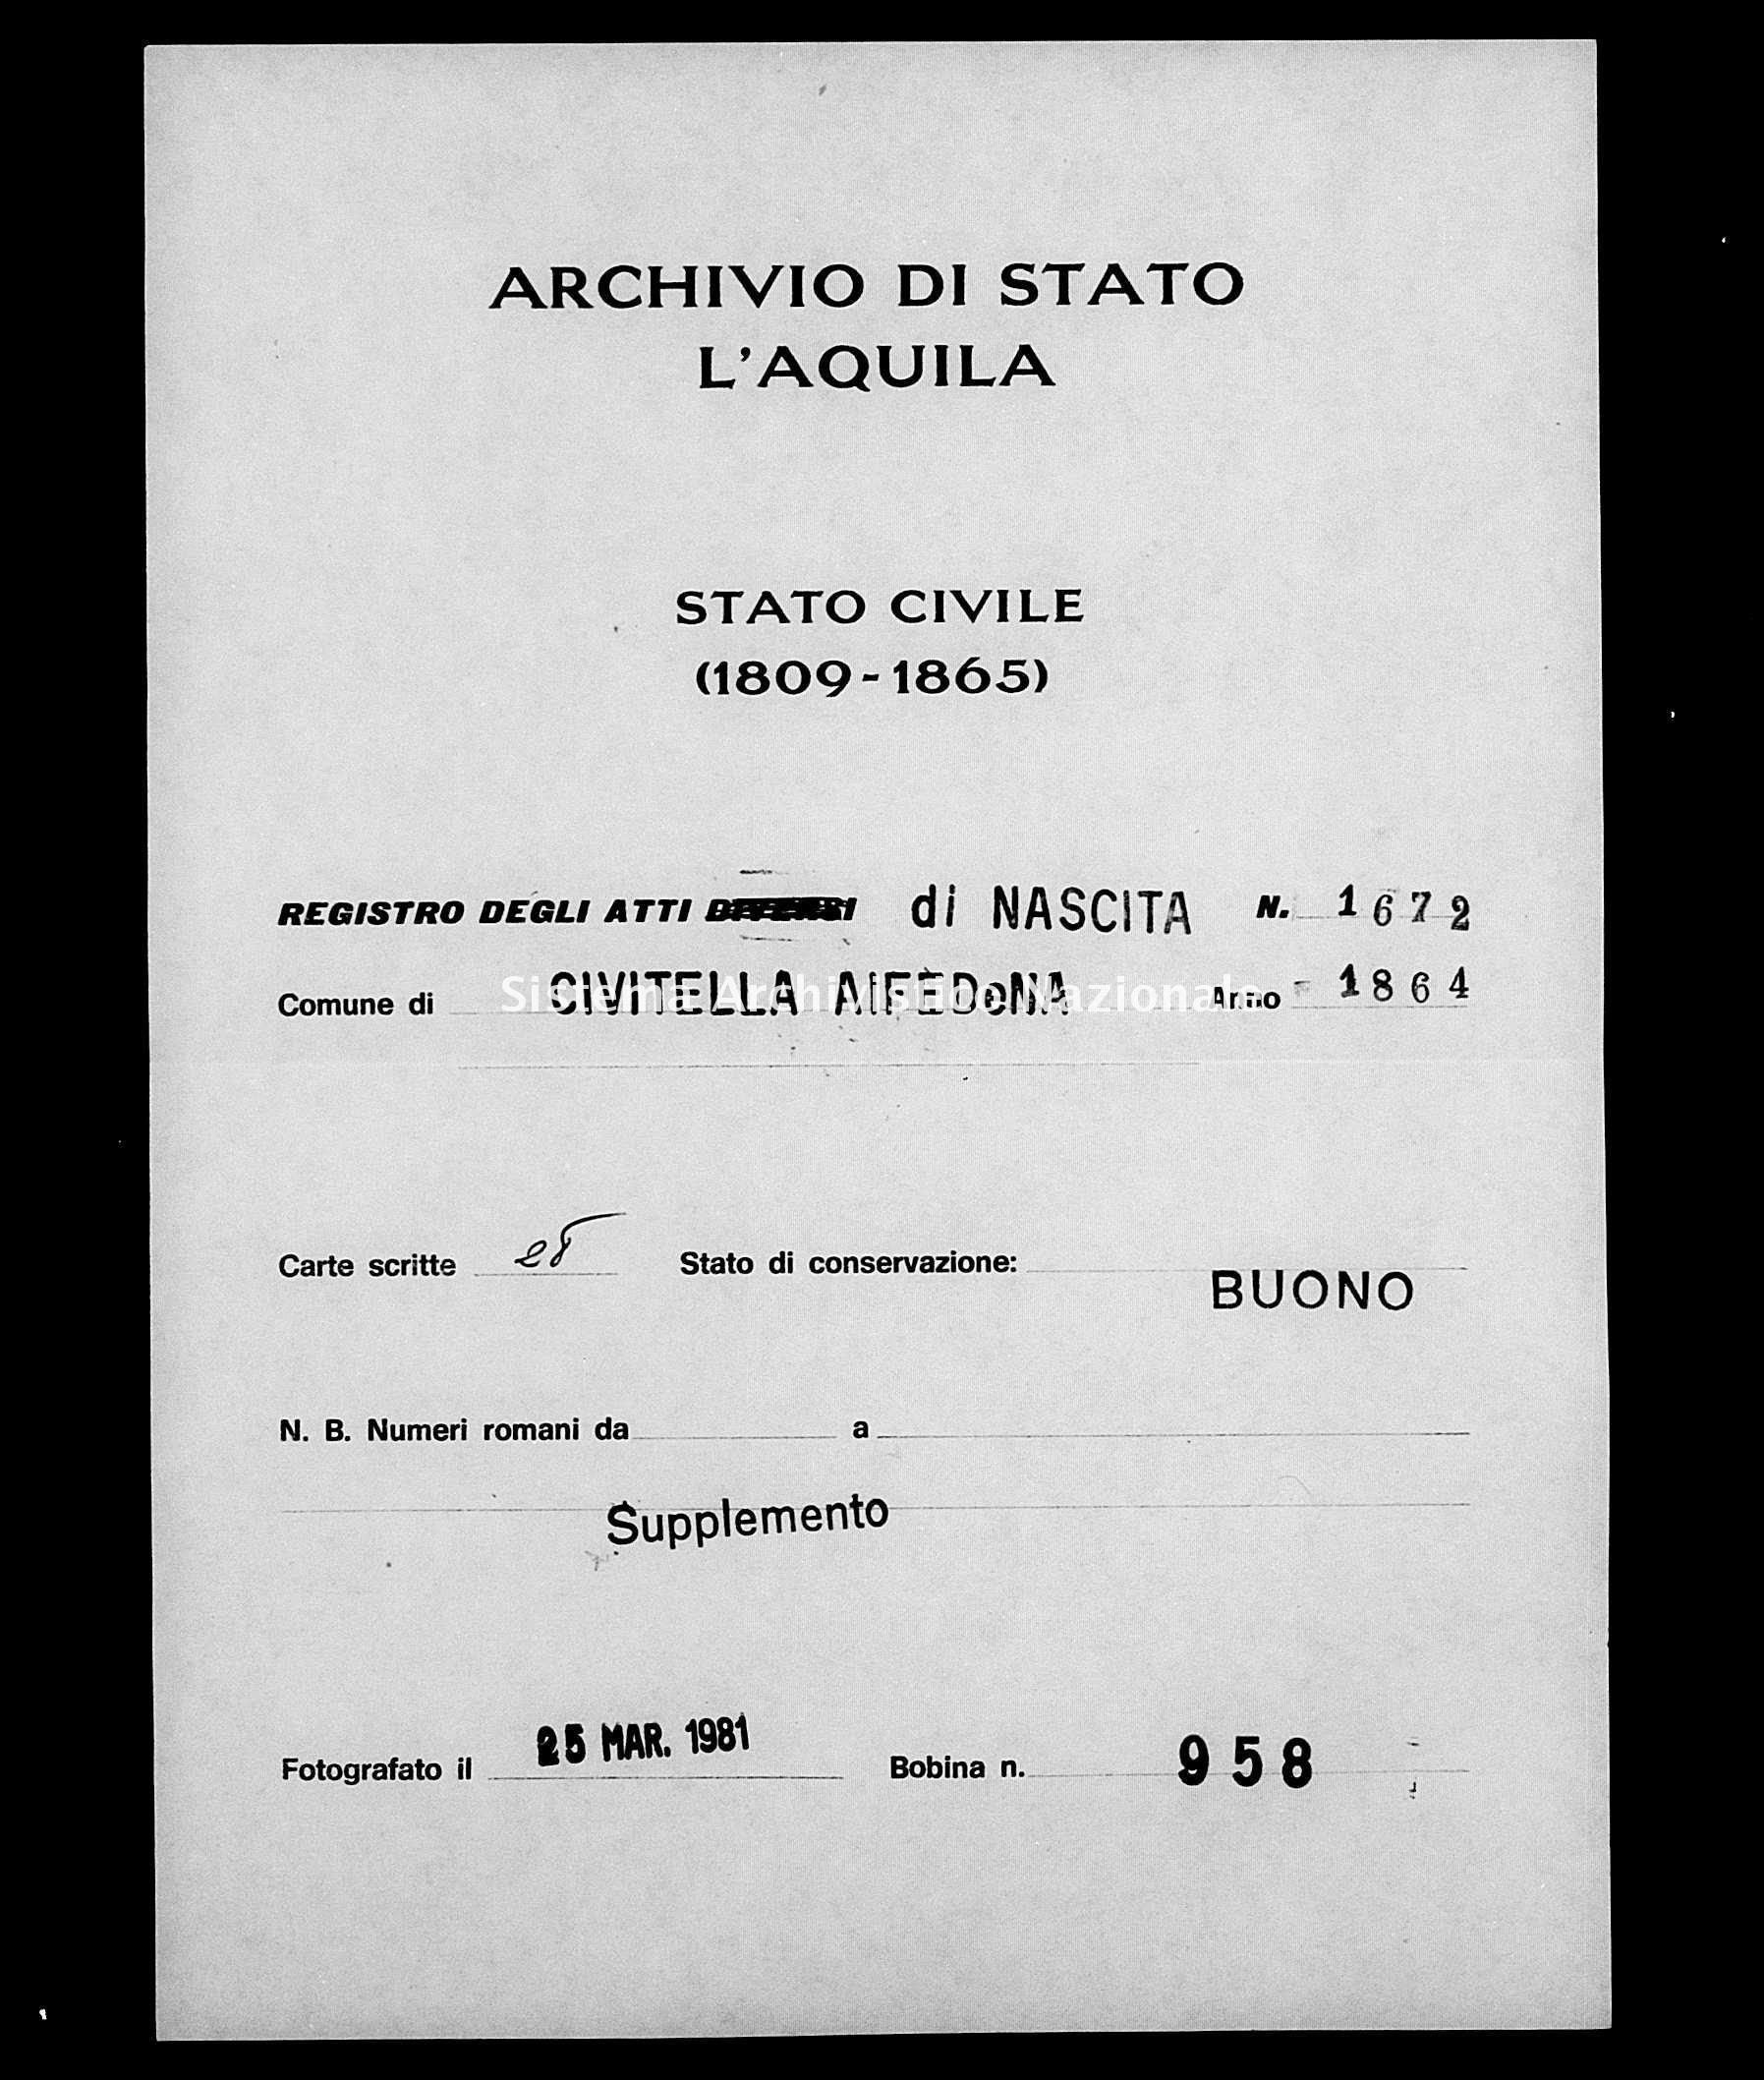 Archivio di stato di L'aquila - Stato civile italiano - Civitella Alfedena - Nati, battesimi - 1864 - 1672 -